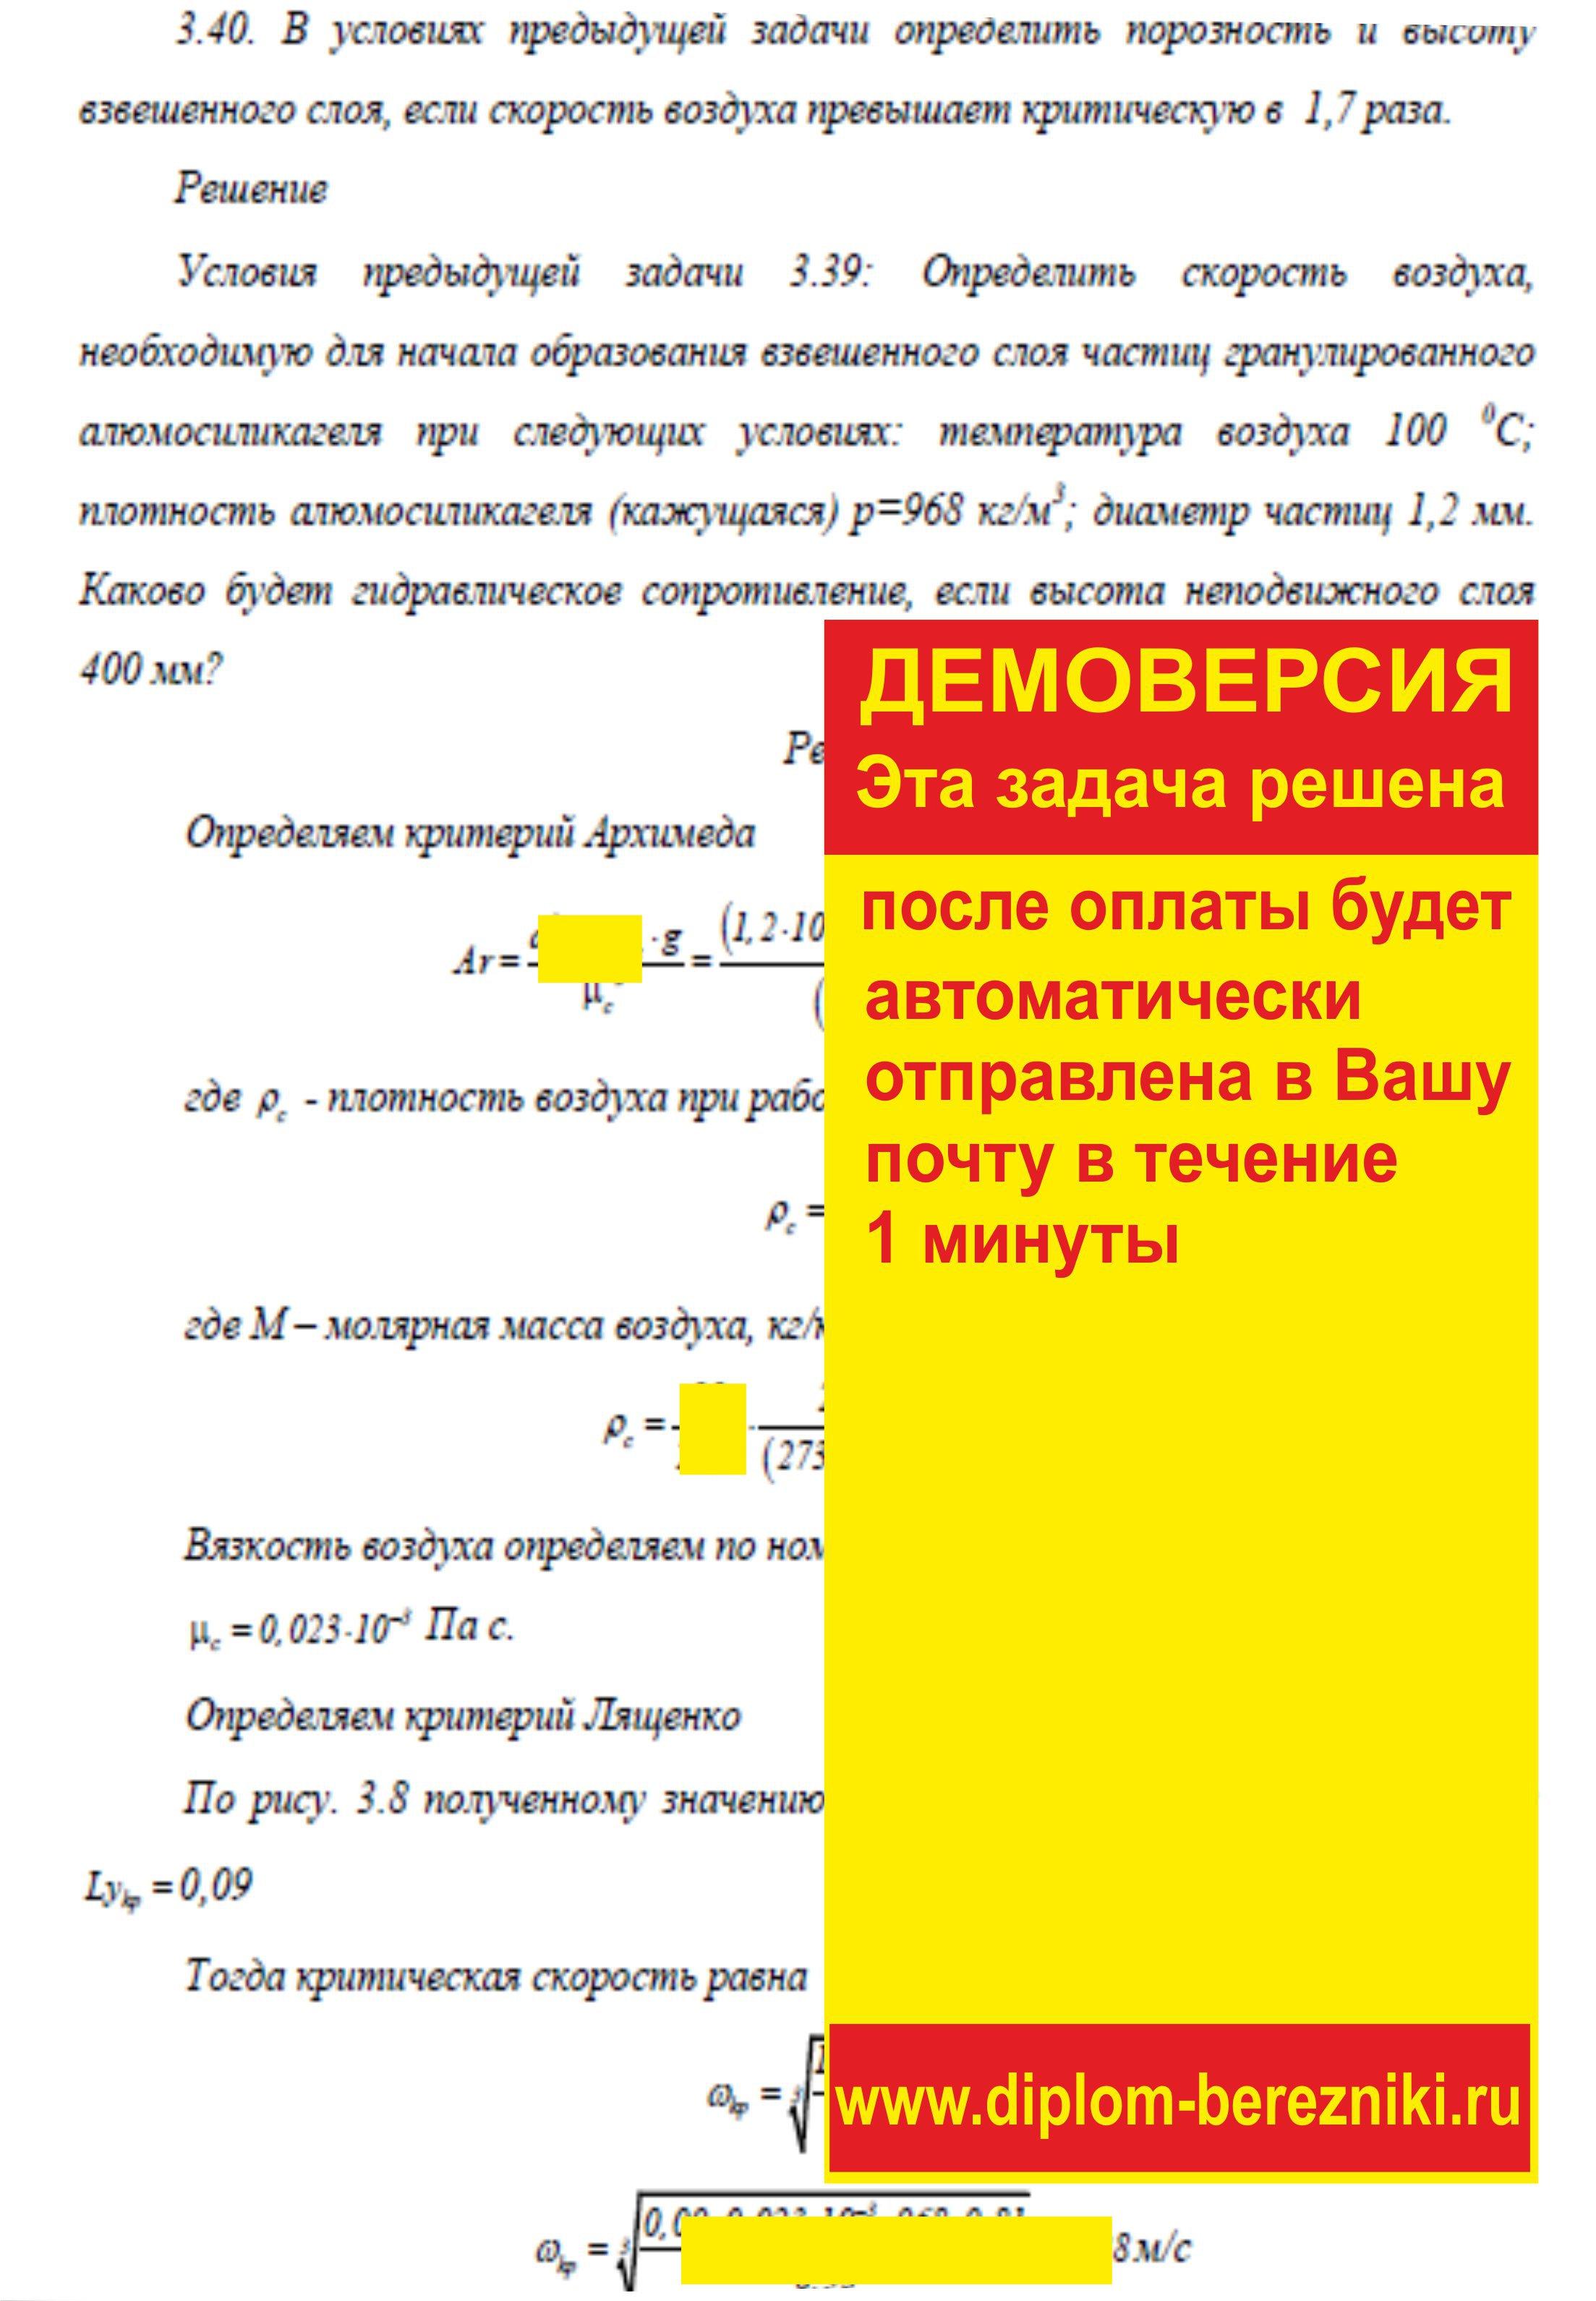 Решение задачи 3.40 по ПАХТ из задачника Павлова Романкова Носкова